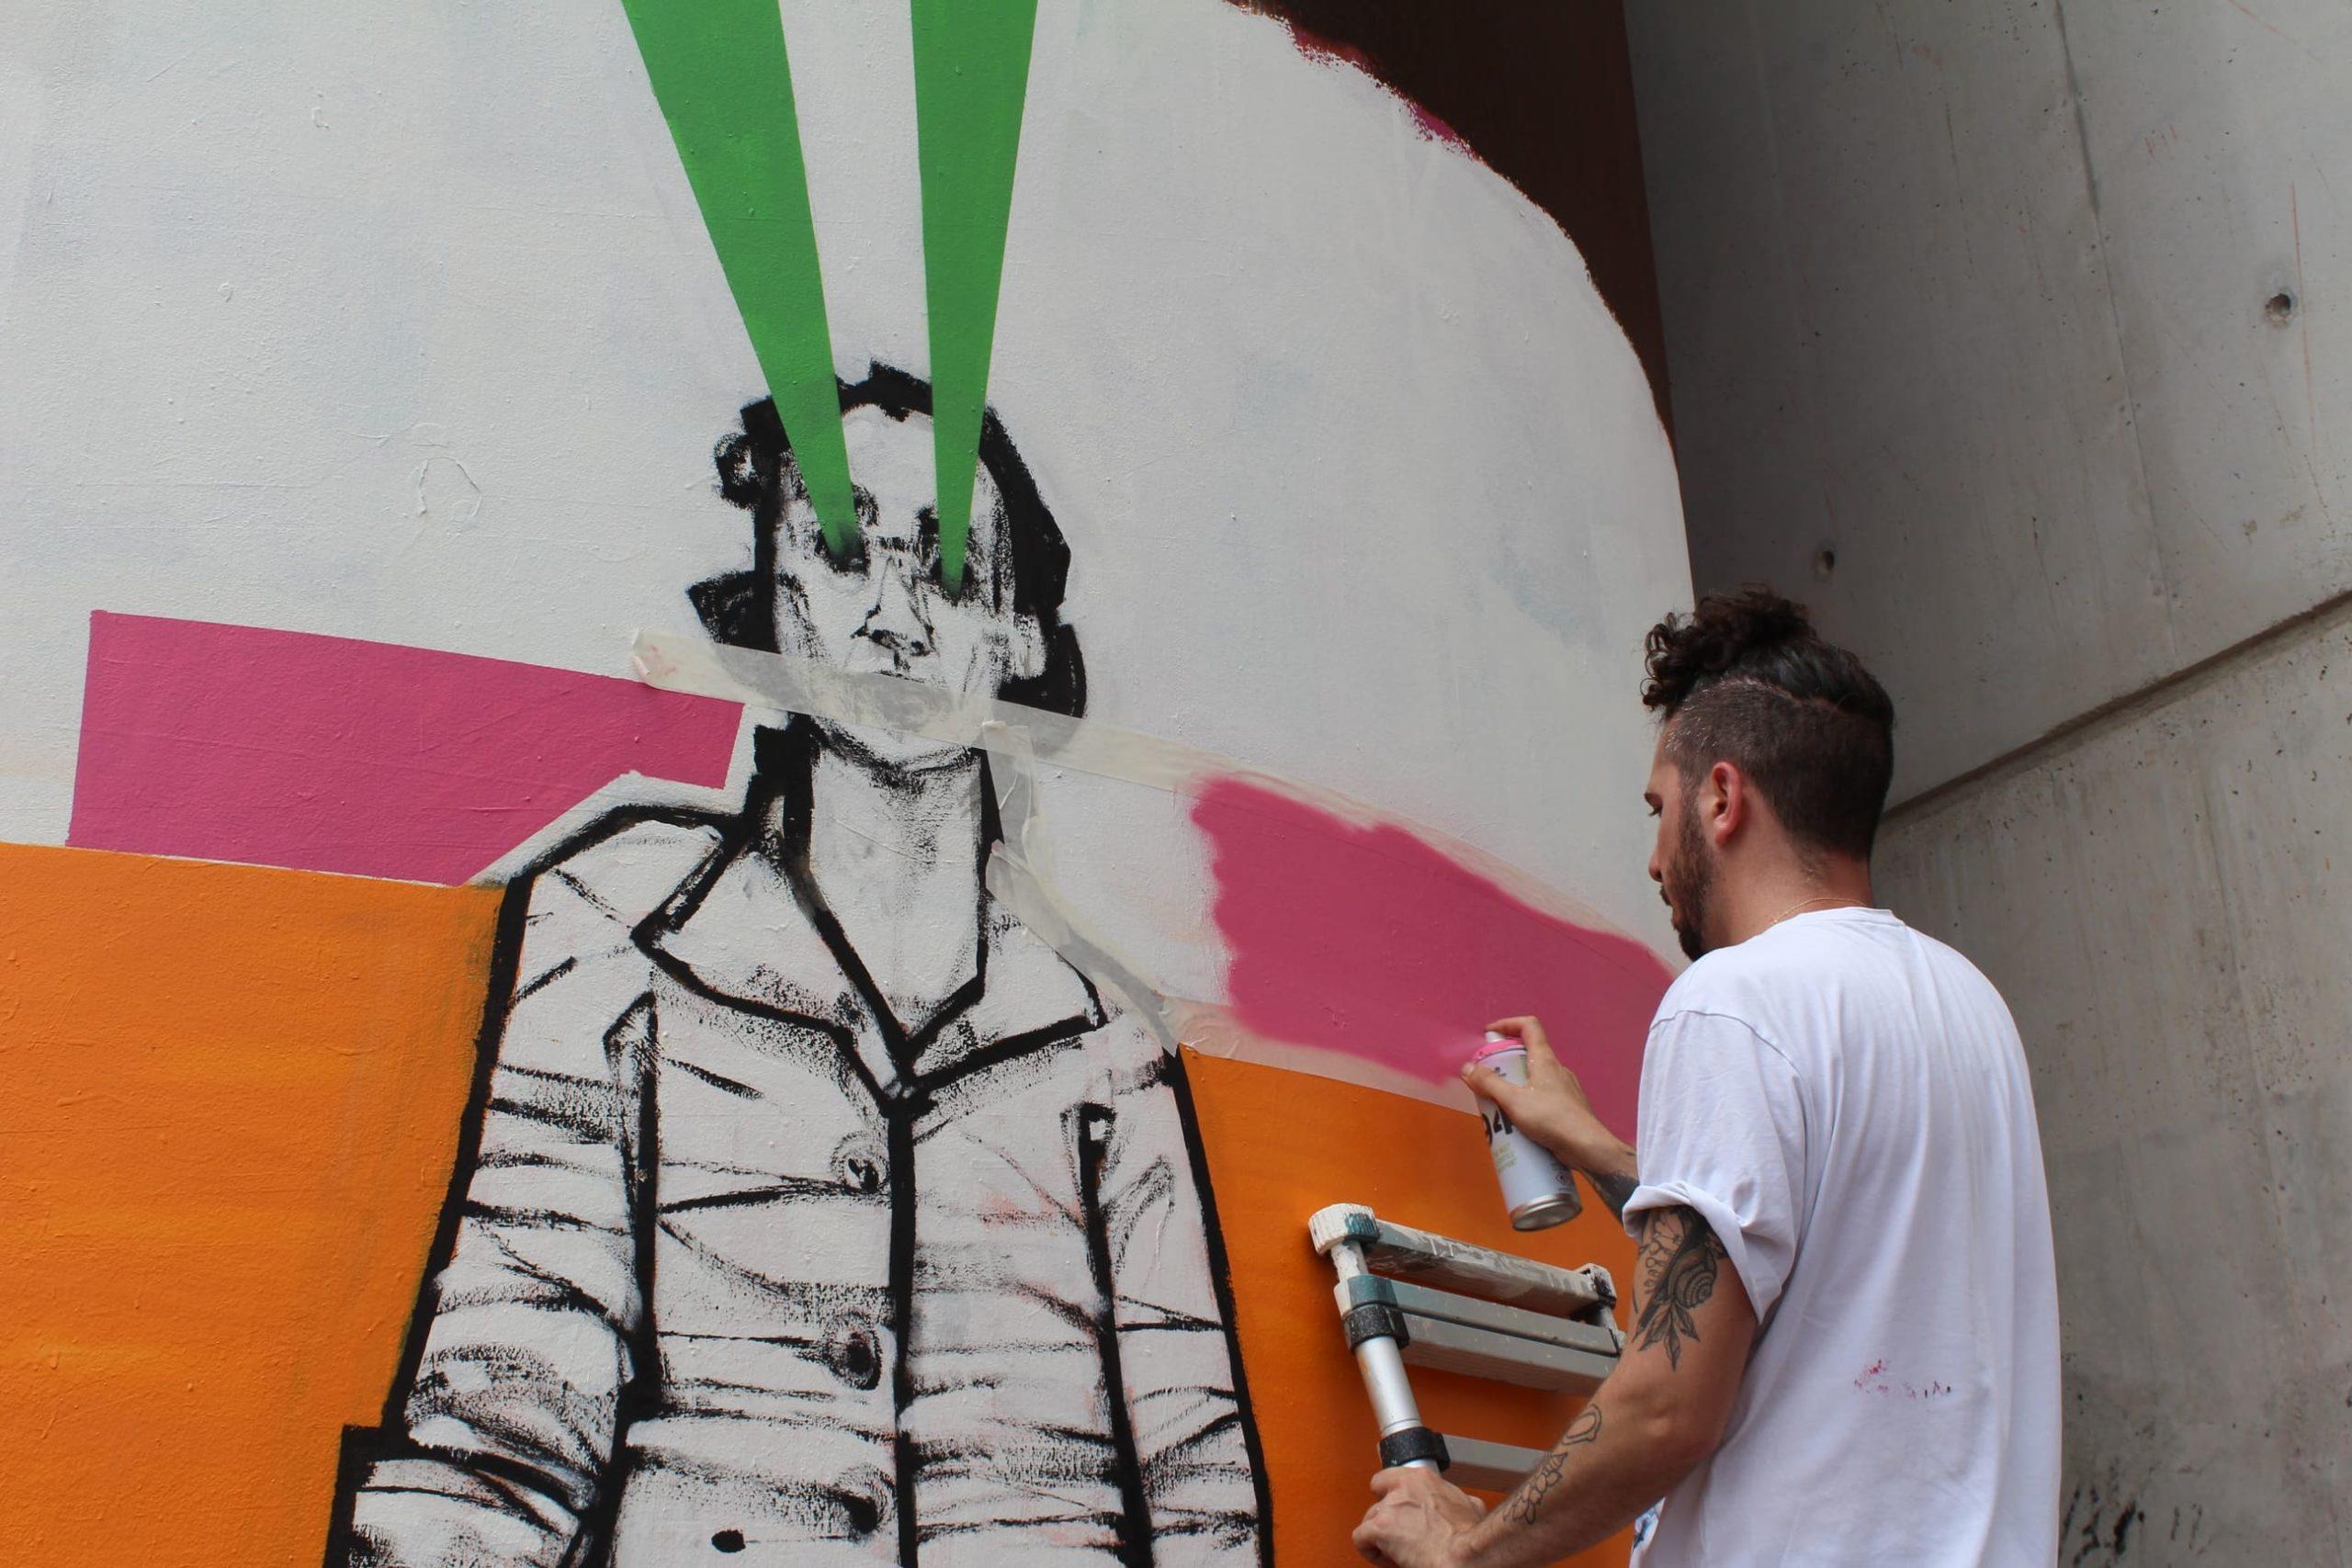 Wall Claim by Santiago Elefante (14)